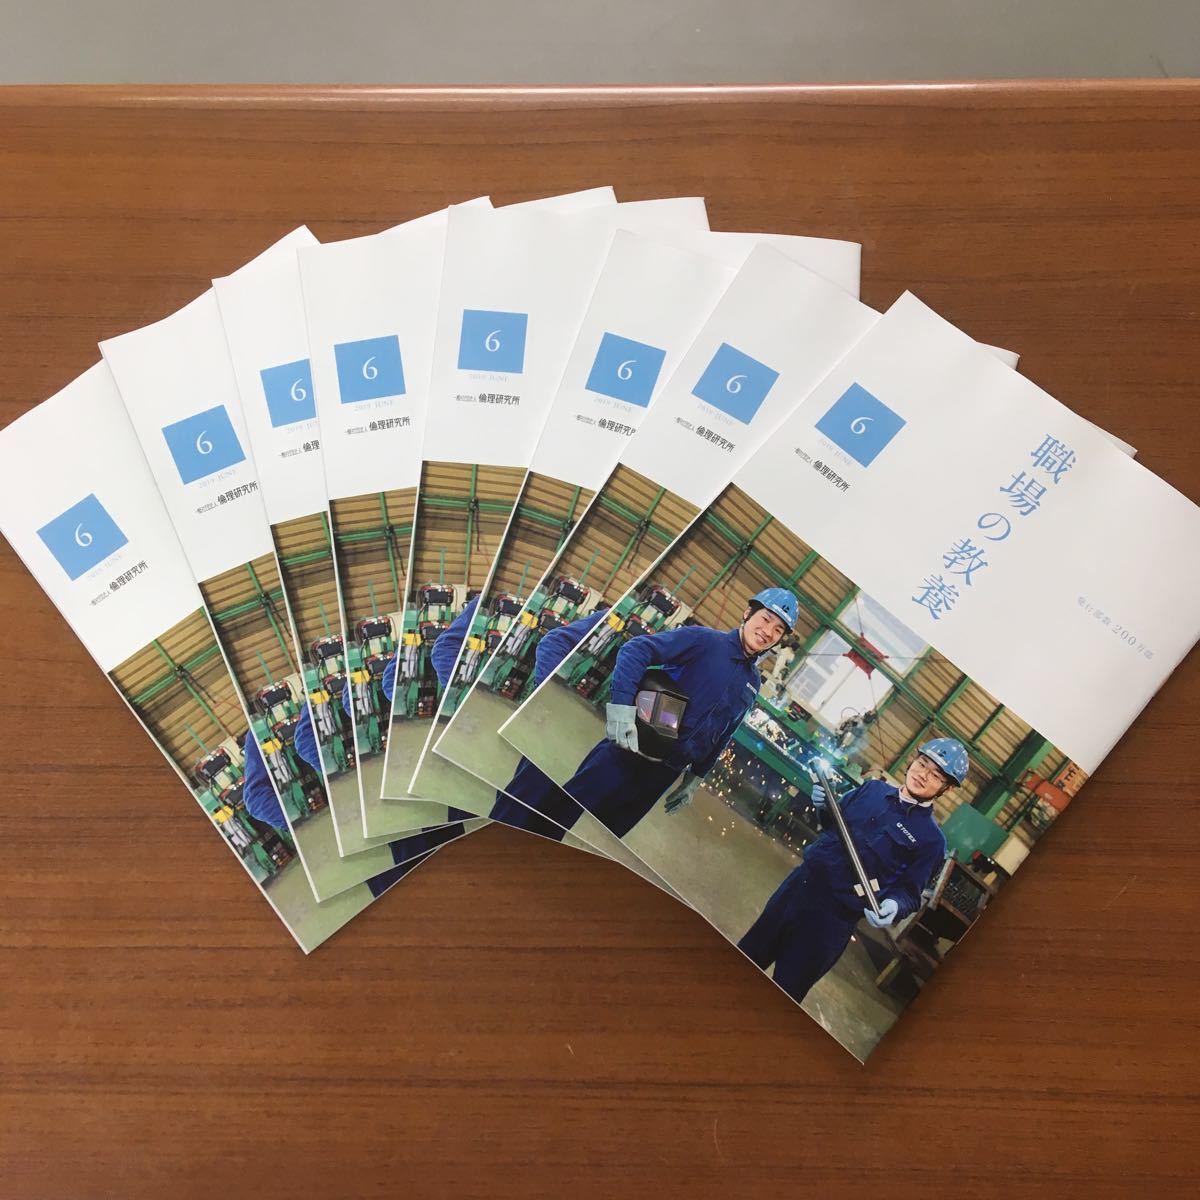 新品 開封済 職場の教養 2019年6月号 10冊 最新号 ビジネス教養 2セットまで全国一律郵送無料~クリックポスト 倫理研究所 KN19-041502